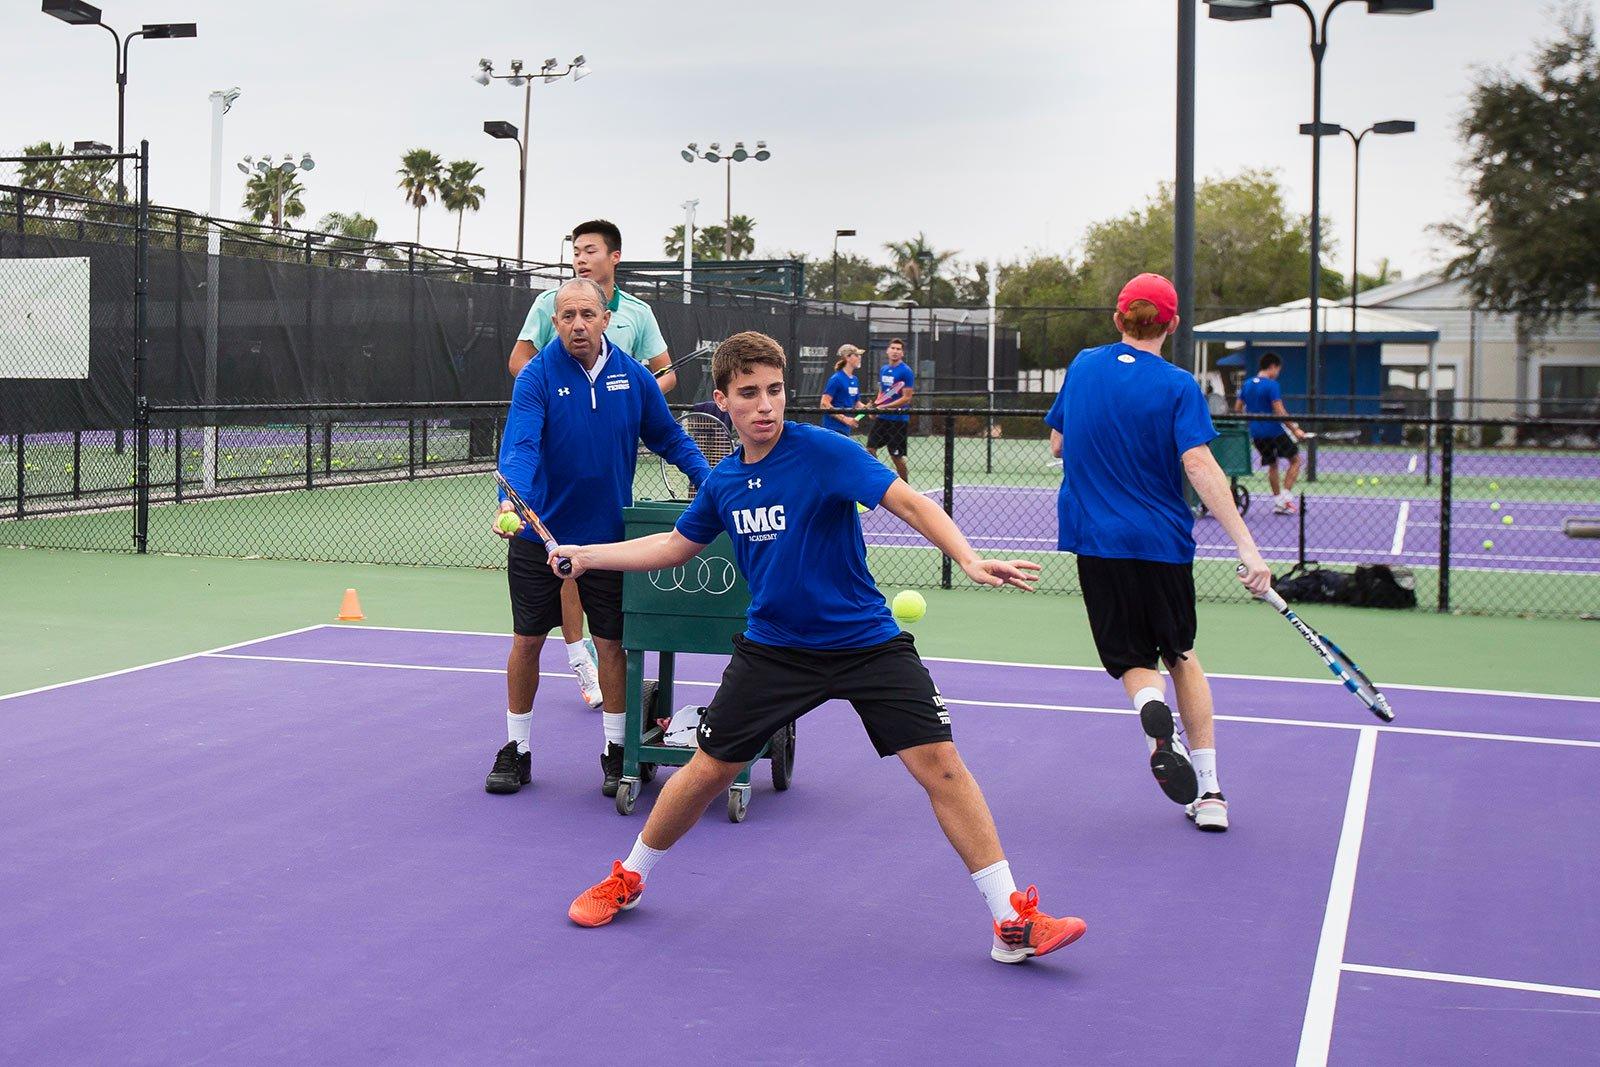 tennis-core.jpg